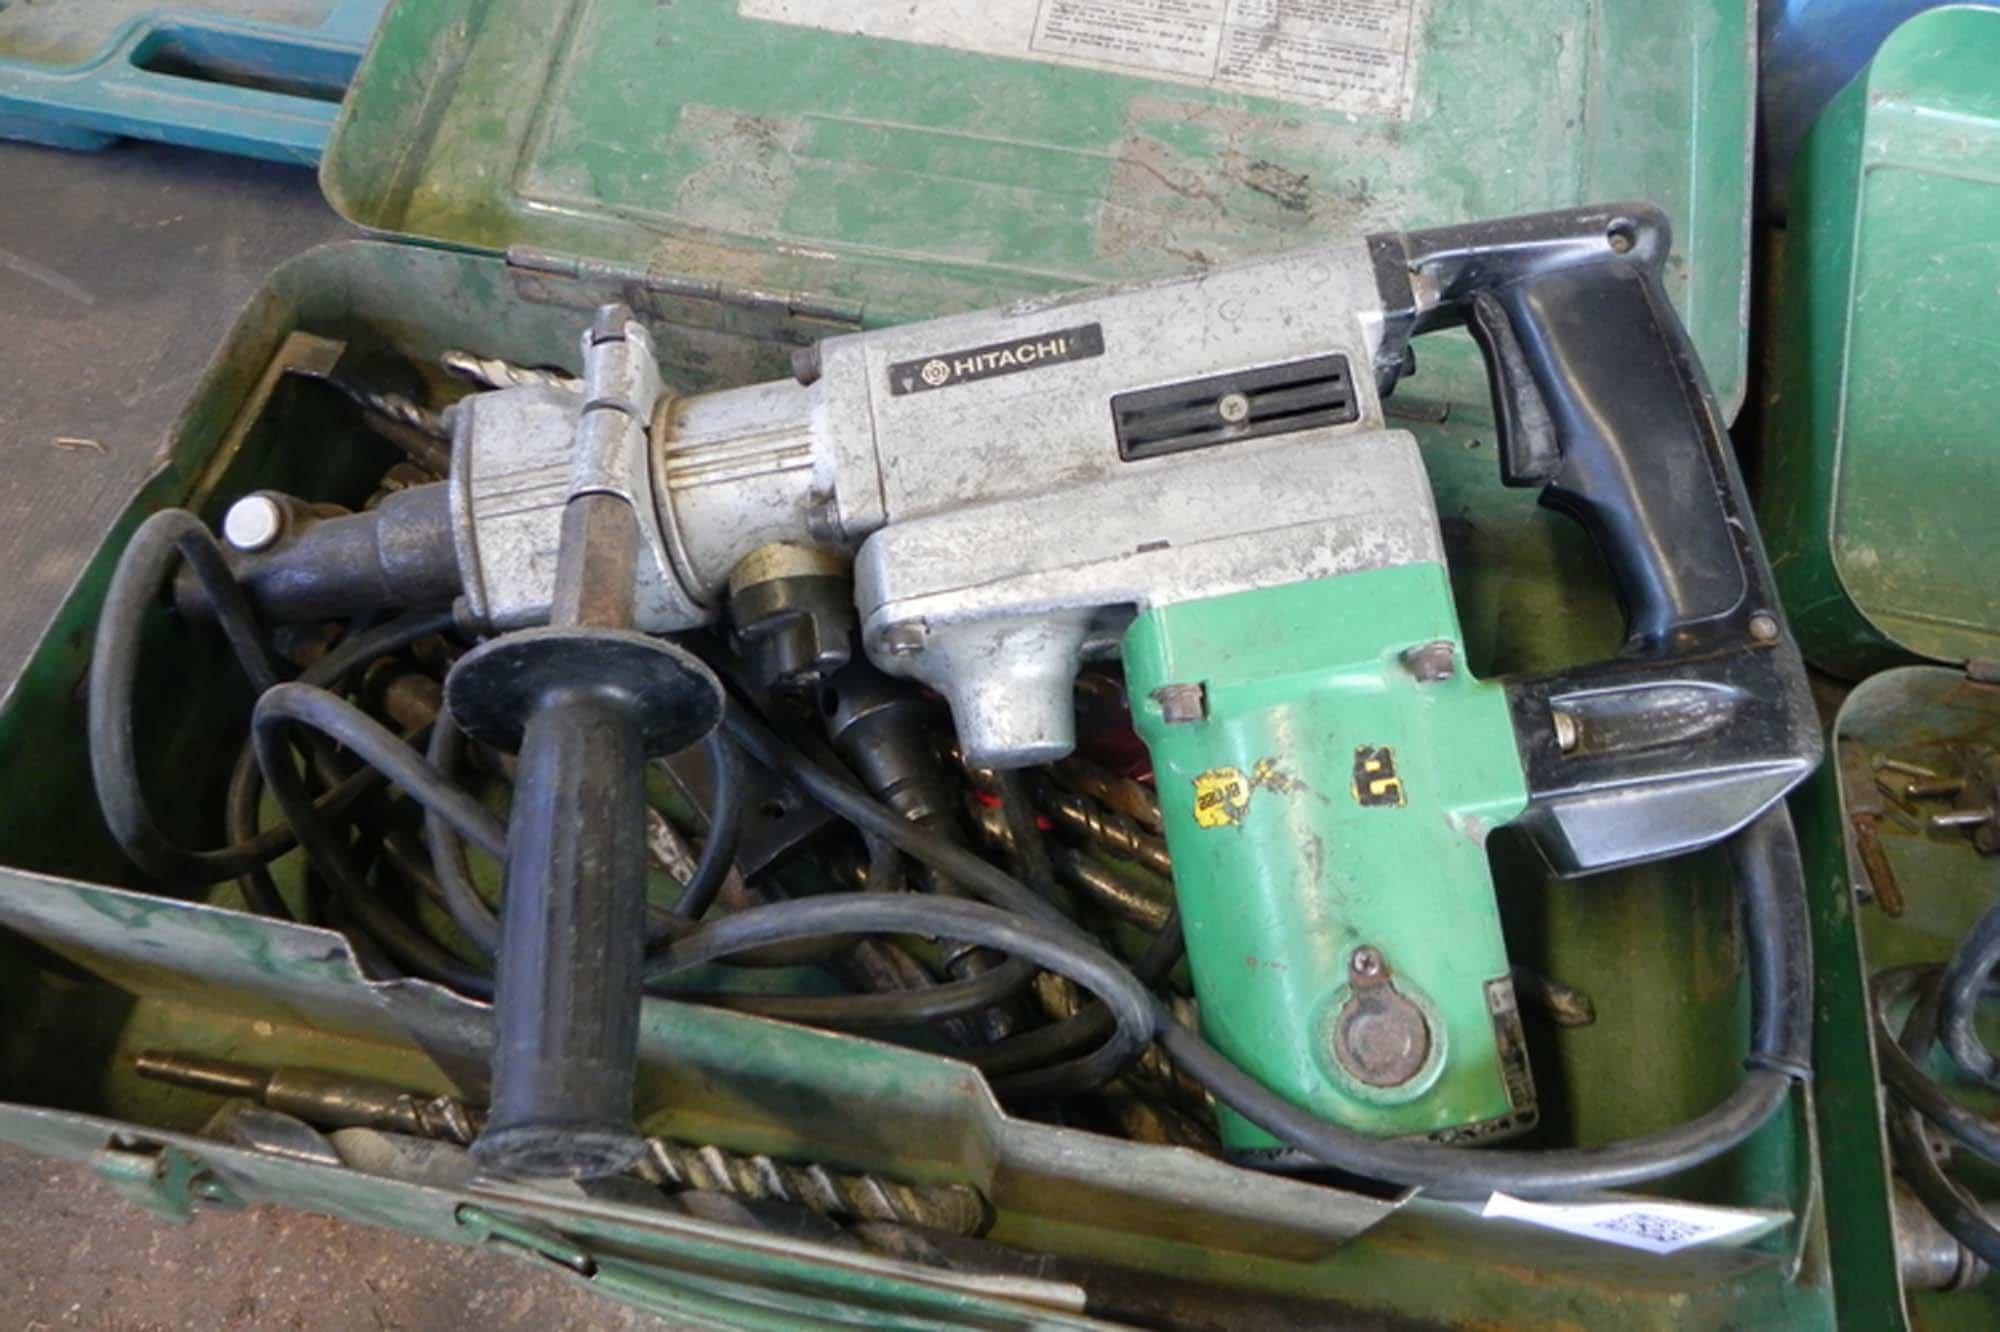 hitachi borehammer - Udlejning af værktøj